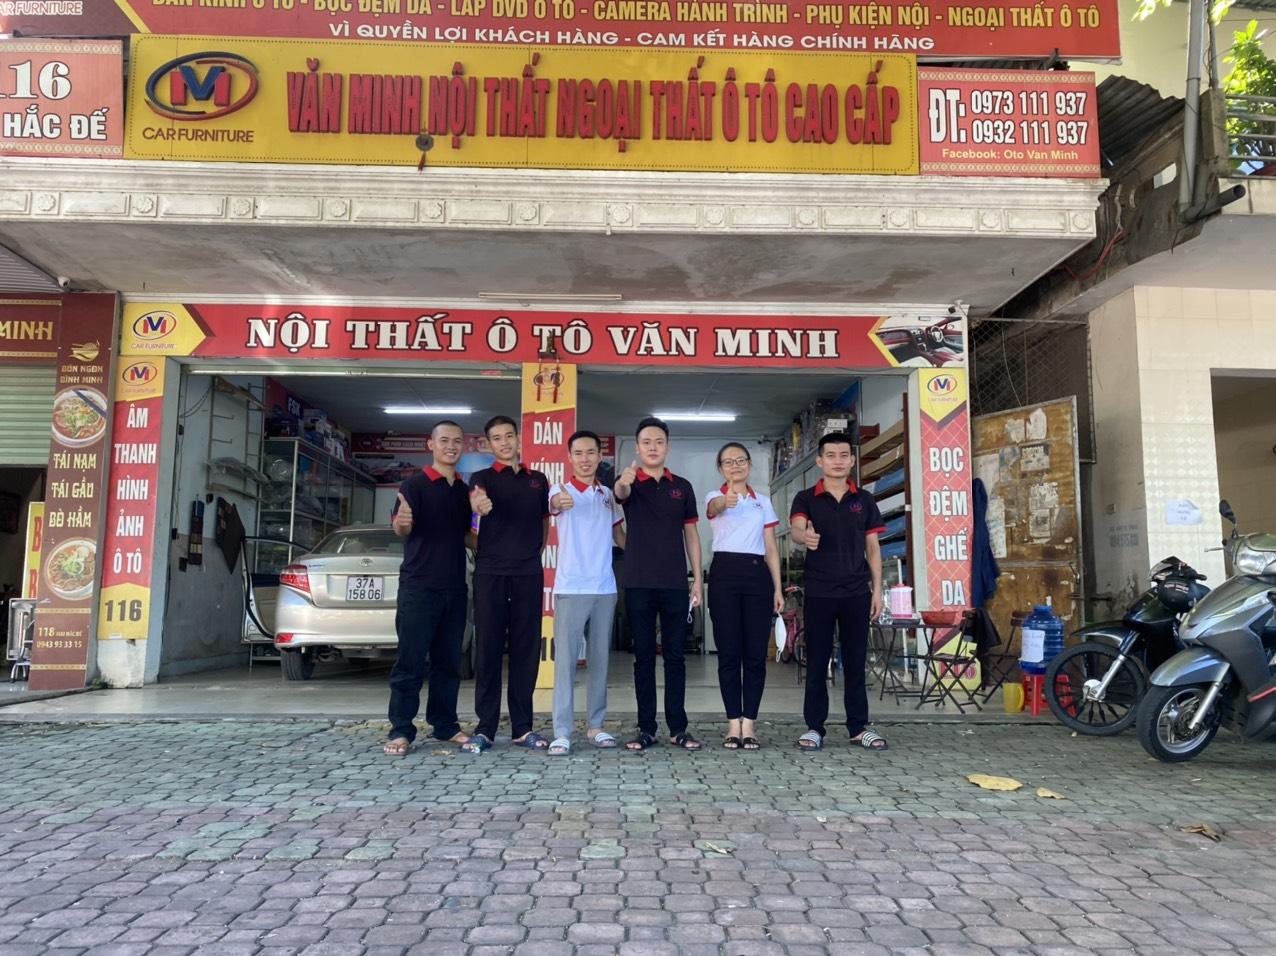 Nội thất ô tô Văn Minh